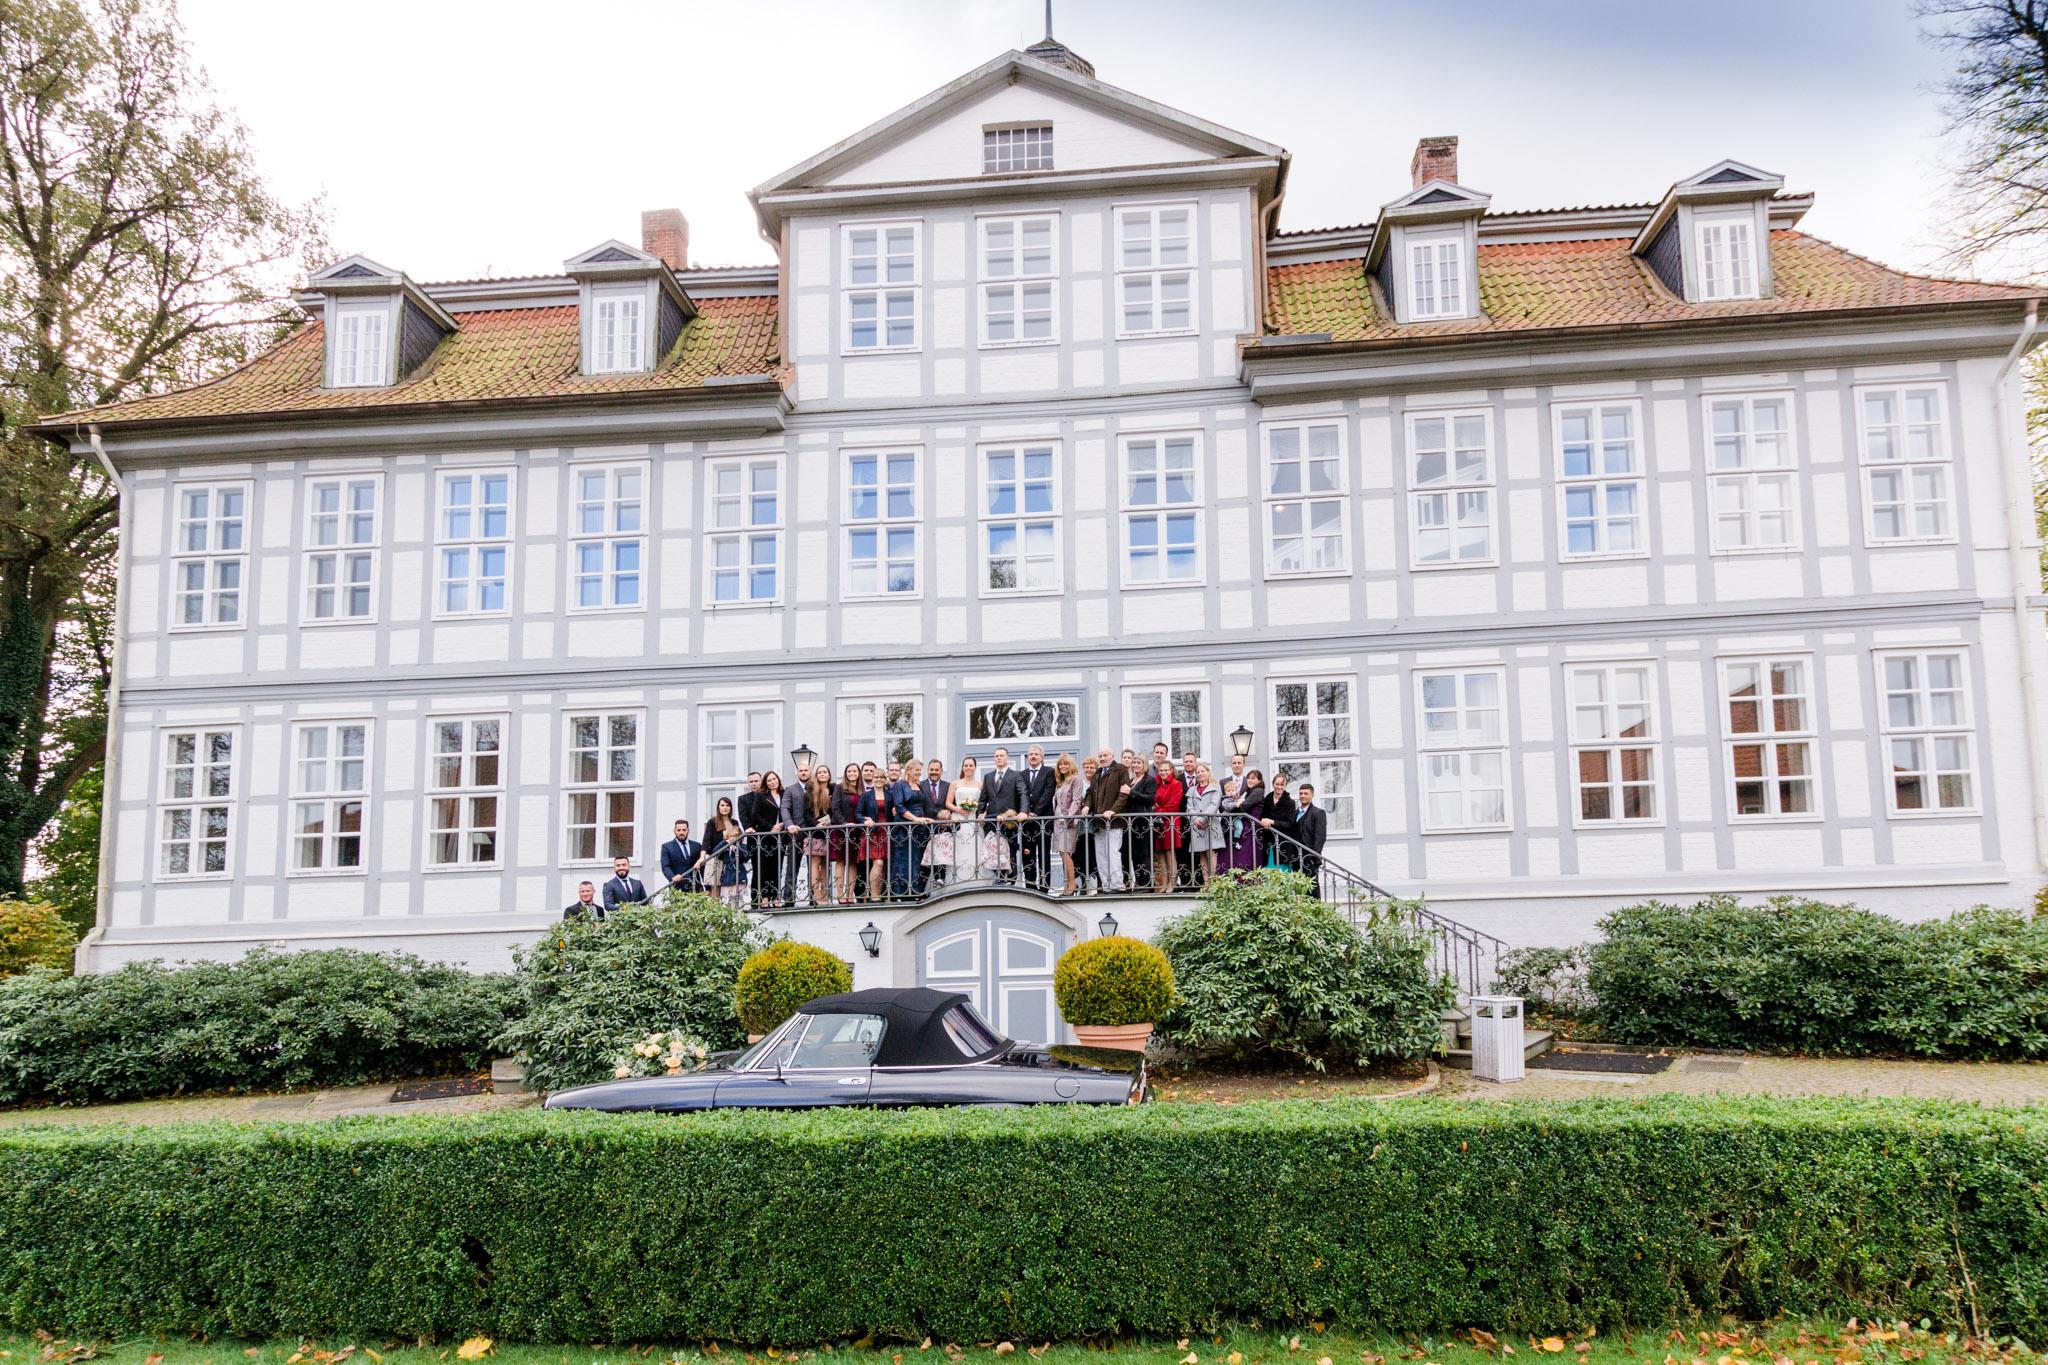 Hochzeit Karina & Christopher auf Schloß Lüdersburg Gruppenfoto auf Treppe